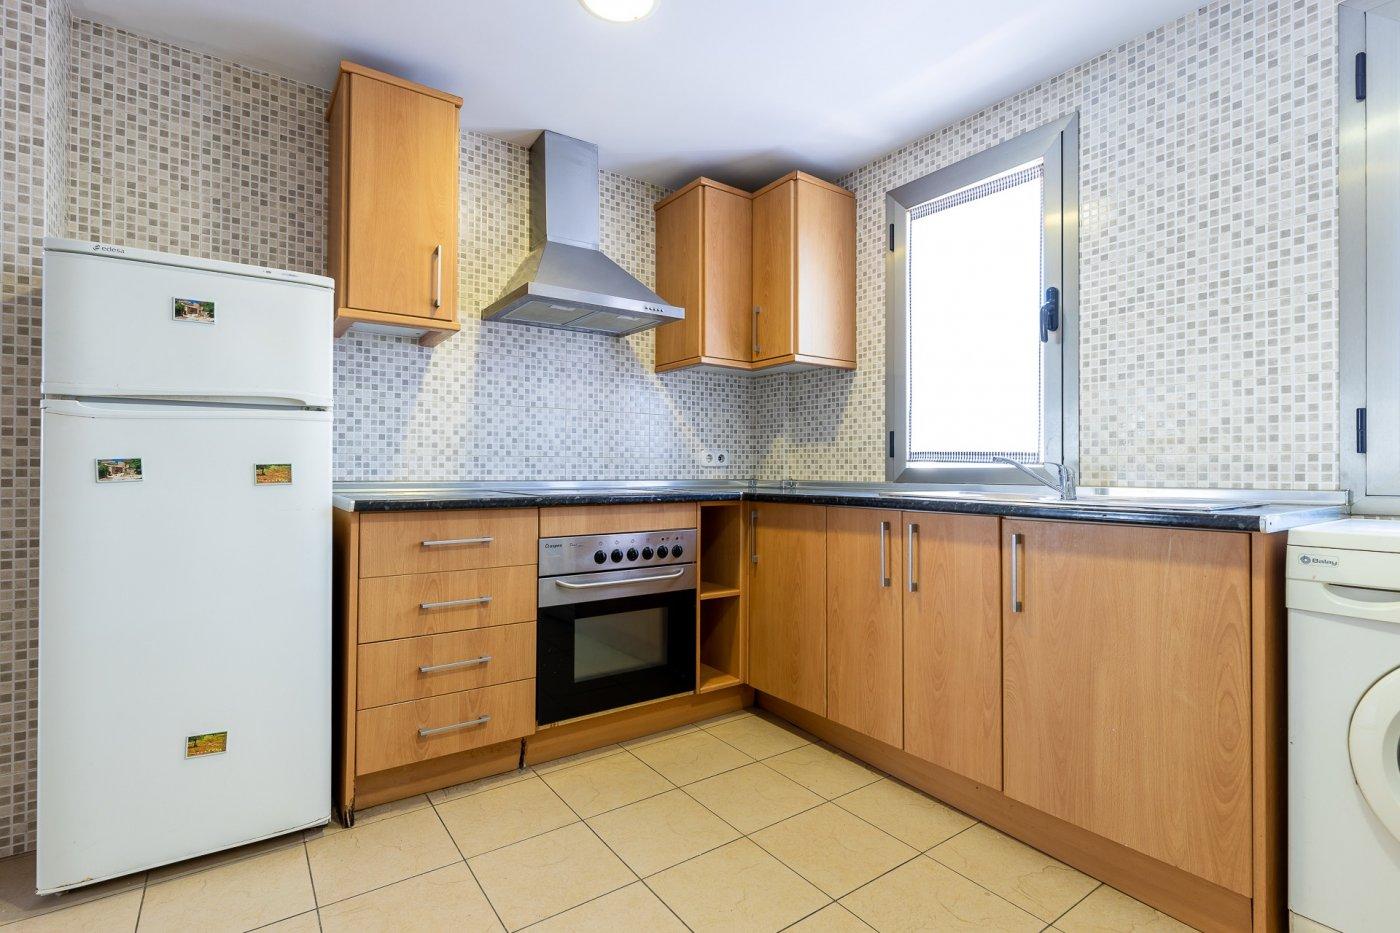 Piso de 3 habitaciones en son cotoner, palma - imagenInmueble1